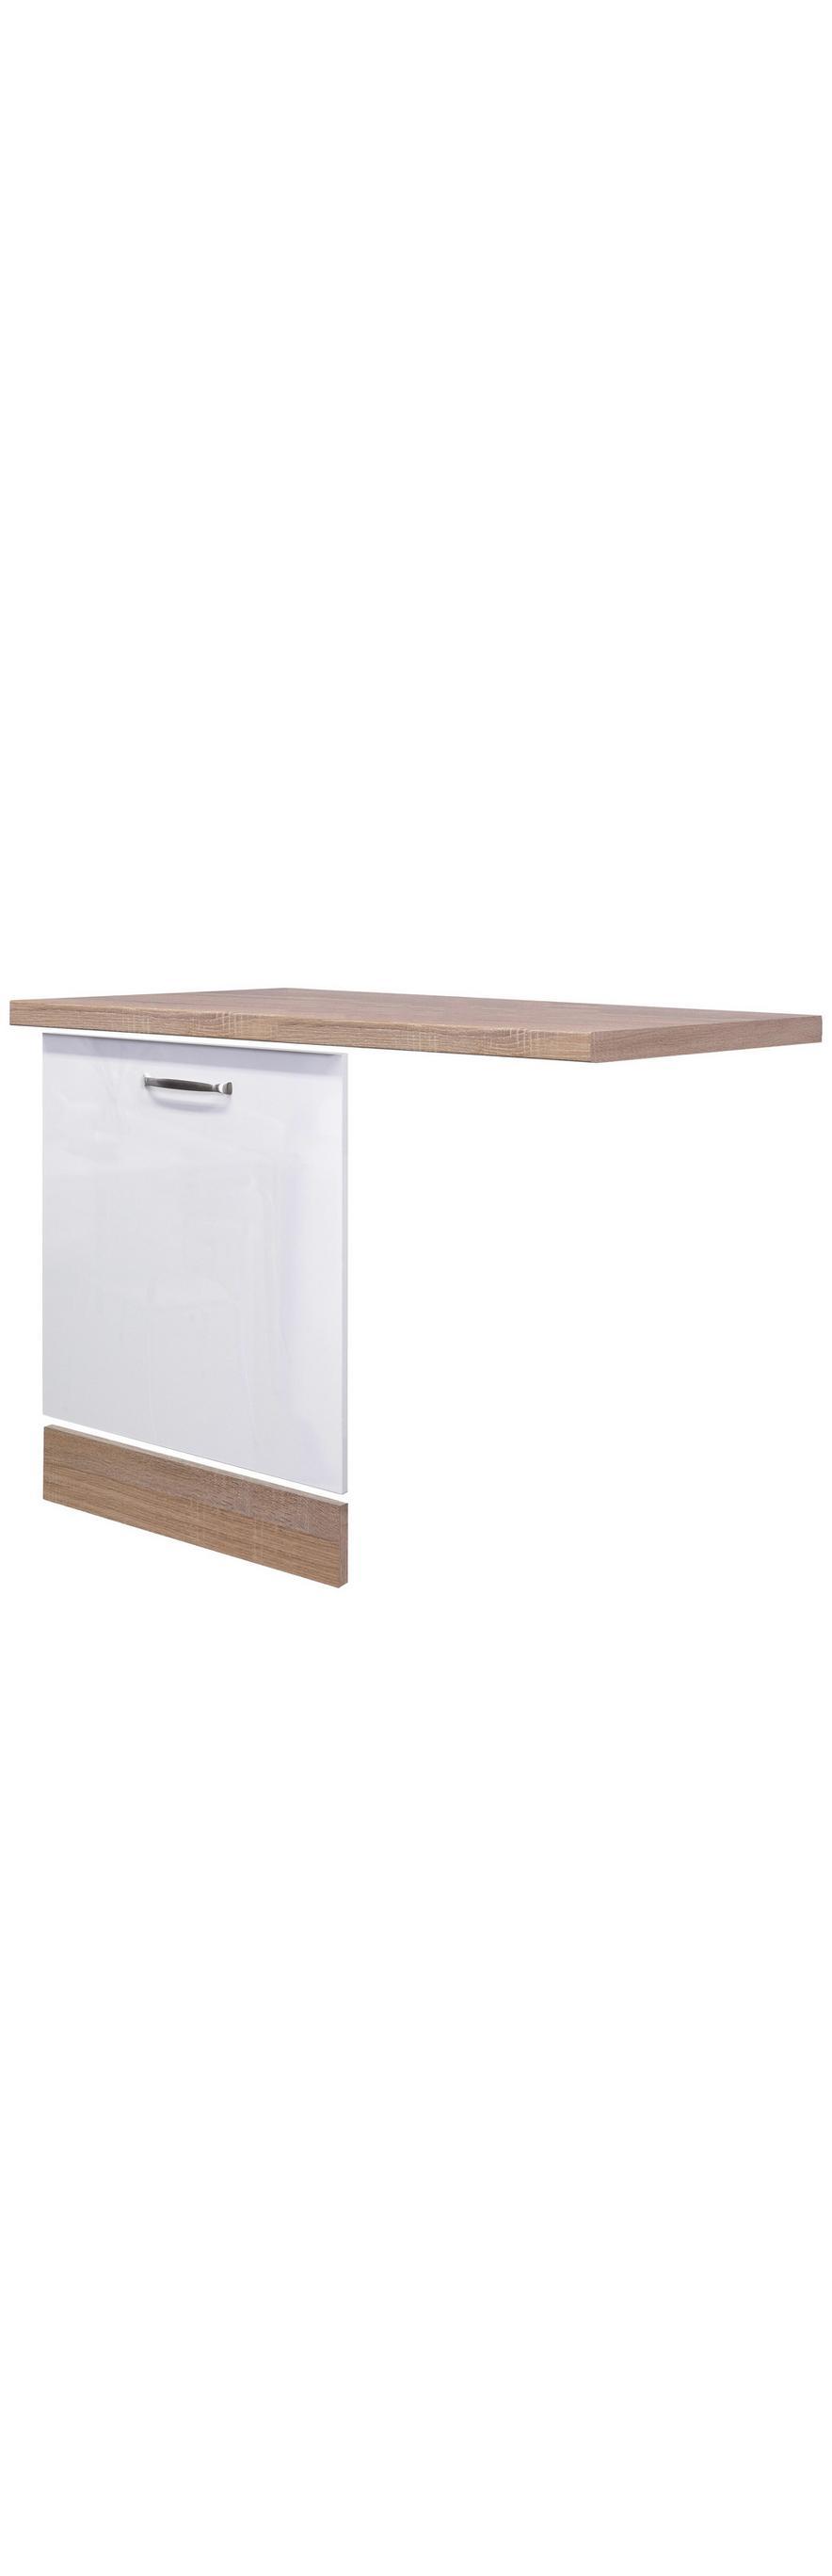 Küchenunterschrank Weiß Hochglanz/Eiche